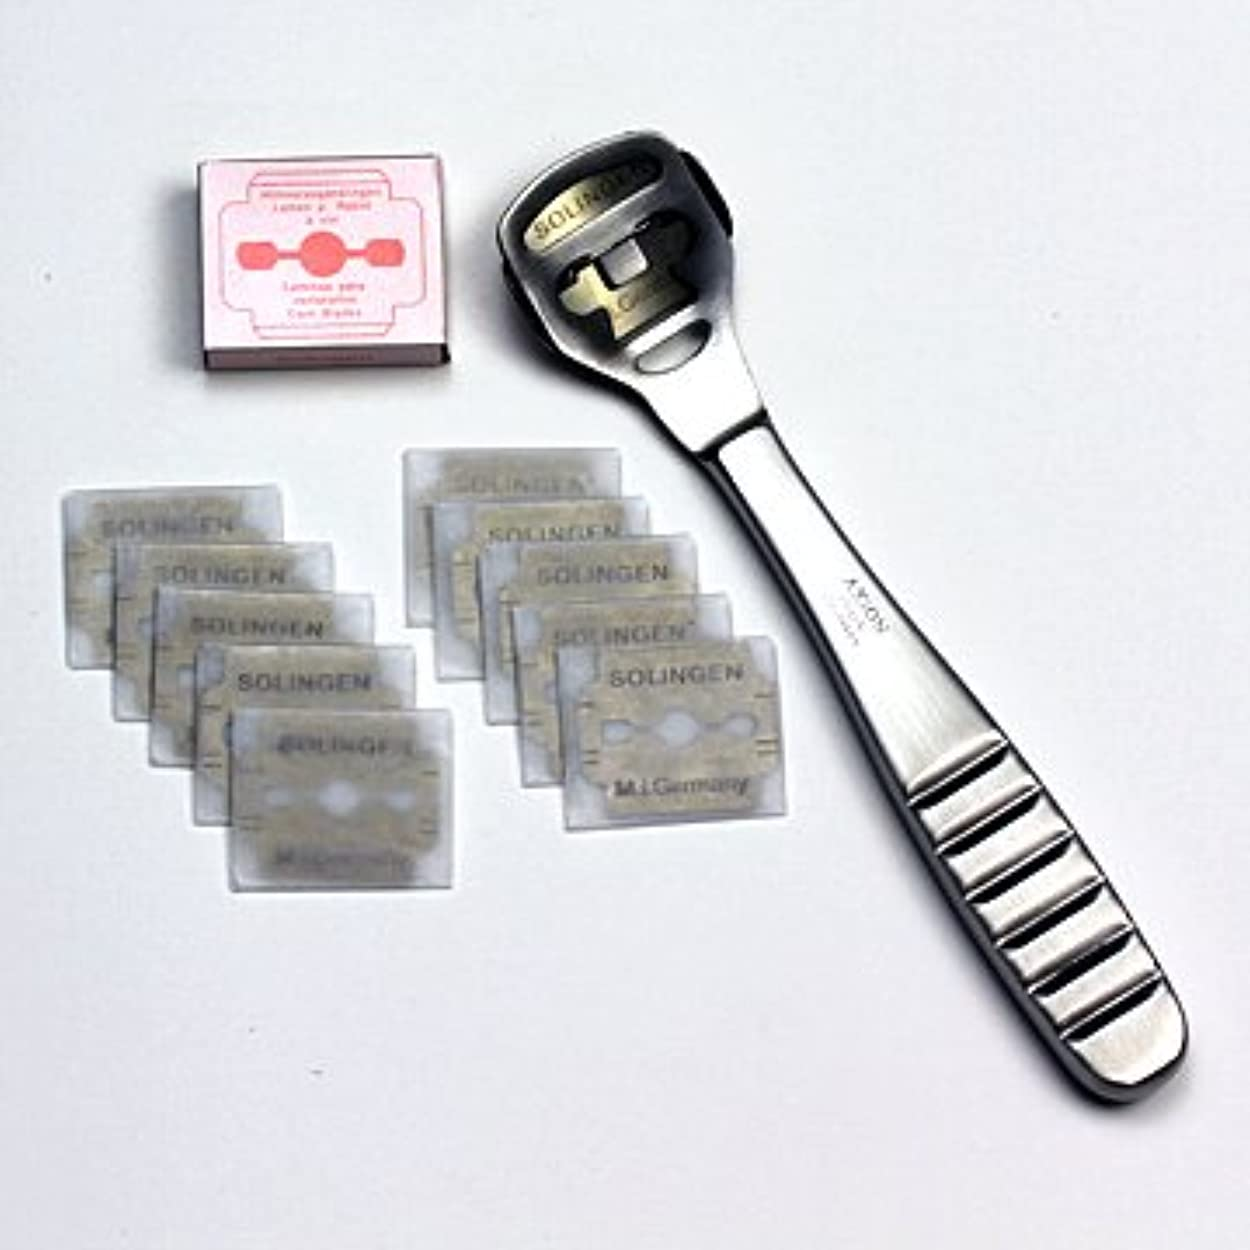 輝度石化するジャンクションドイツ?ゾーリンゲン AXiON(アクシオン)ステンレス製かかと削り器(ゾーリンゲン製替刃11枚付)#slg008964fba